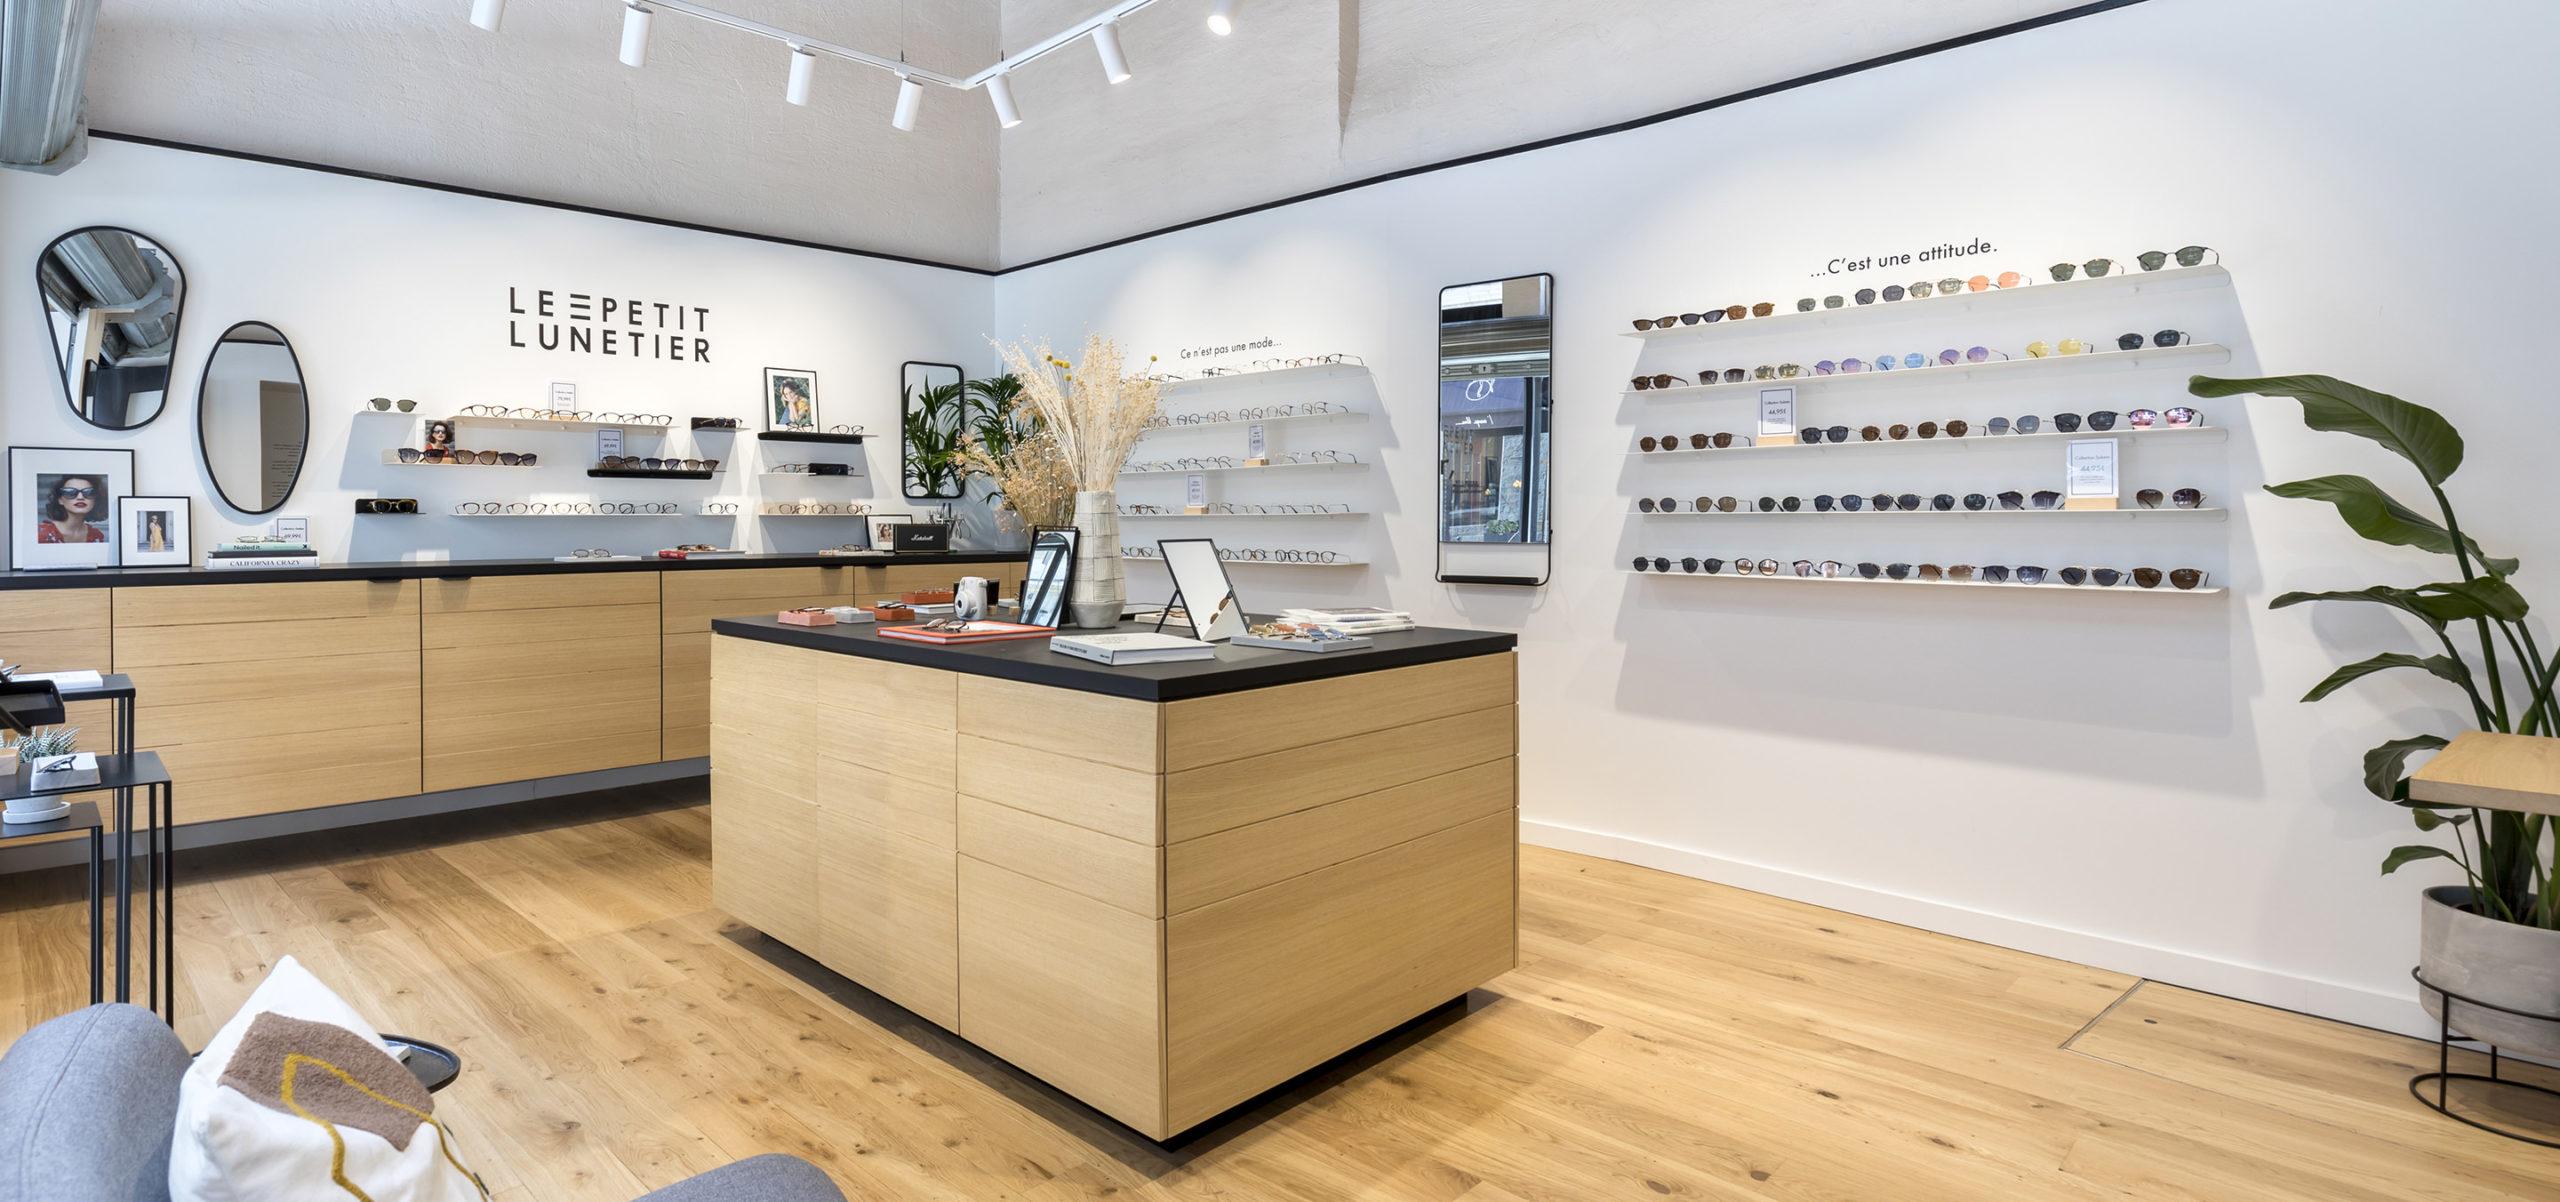 Label Experience : vue d'ensemble de la boutique de lunettes Le Petit Lunetier à Lille